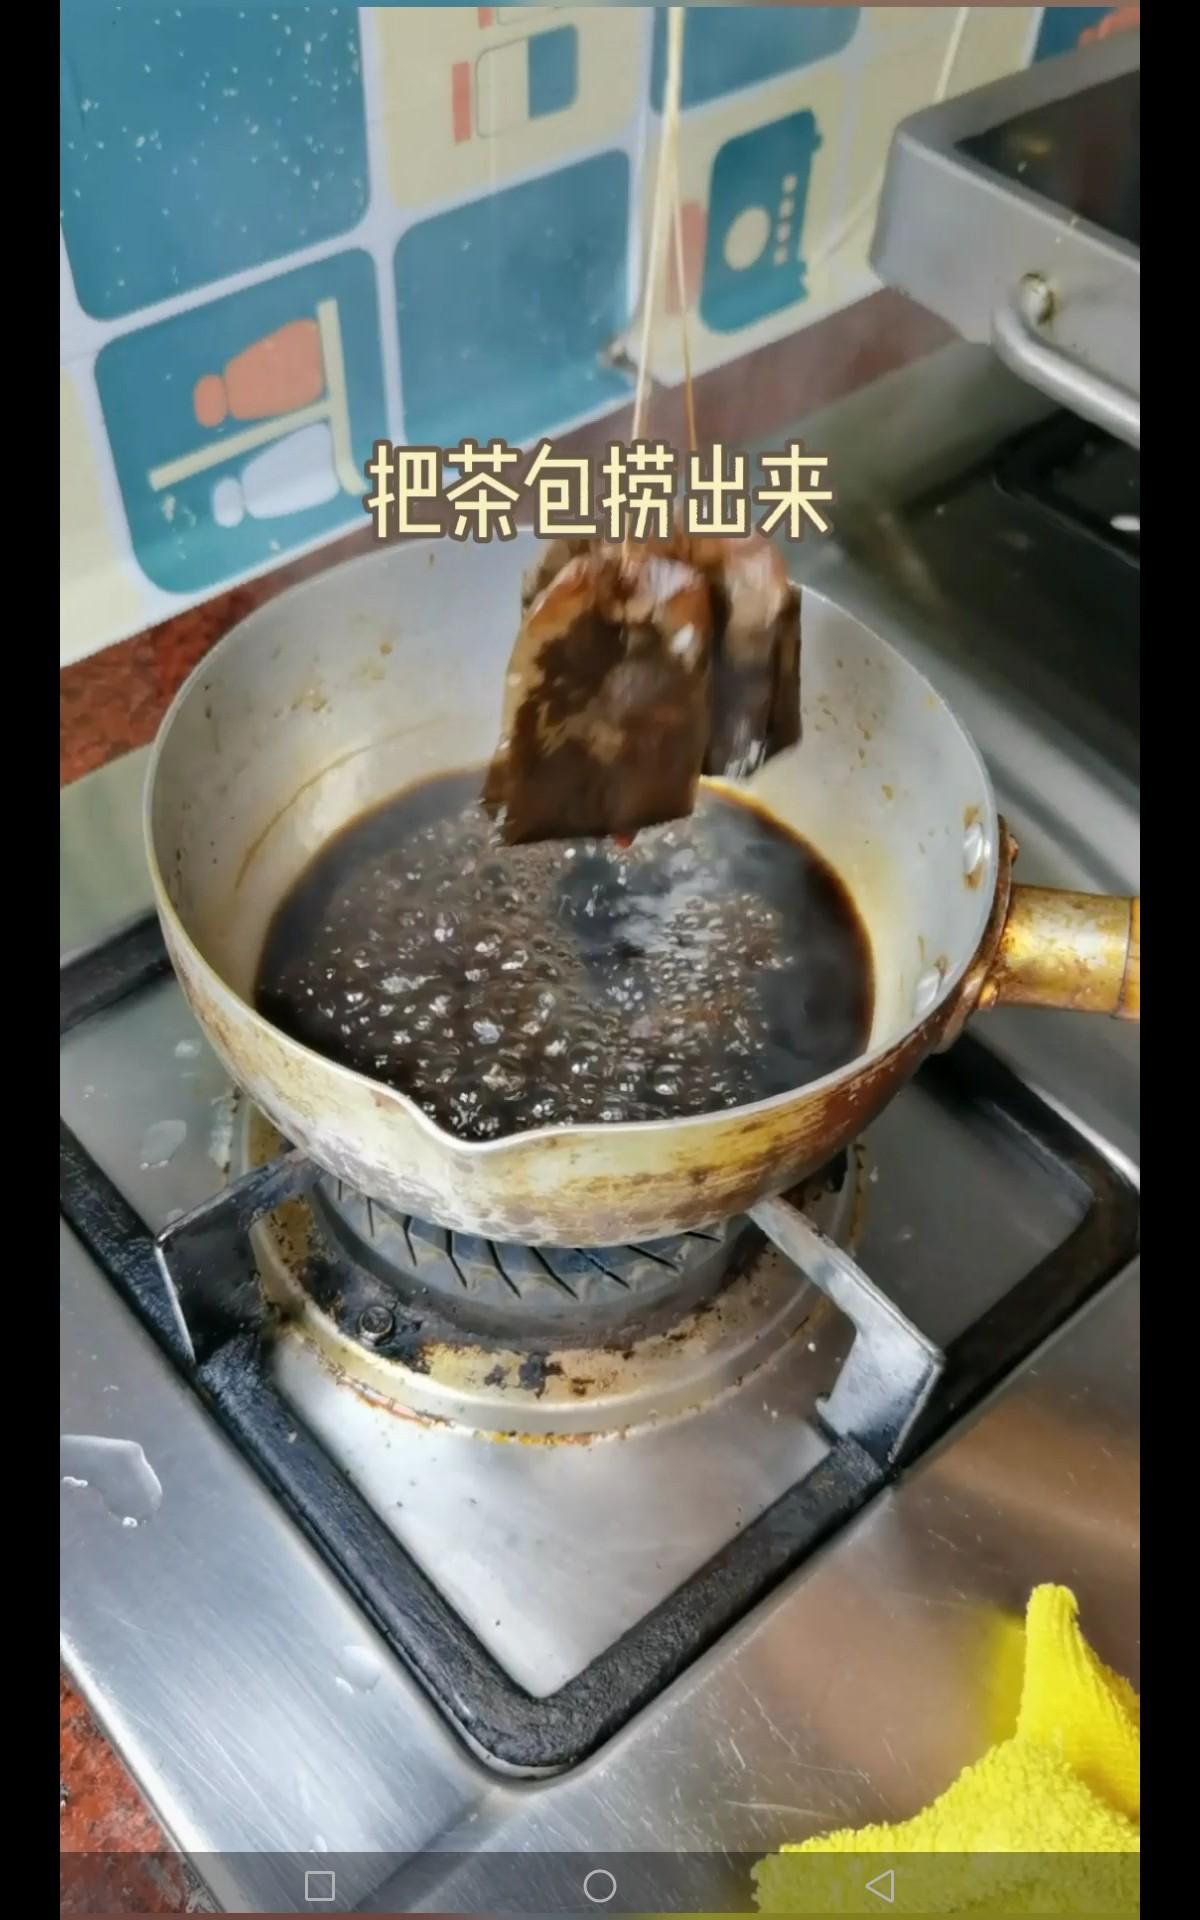 芋圆奶茶的家常做法